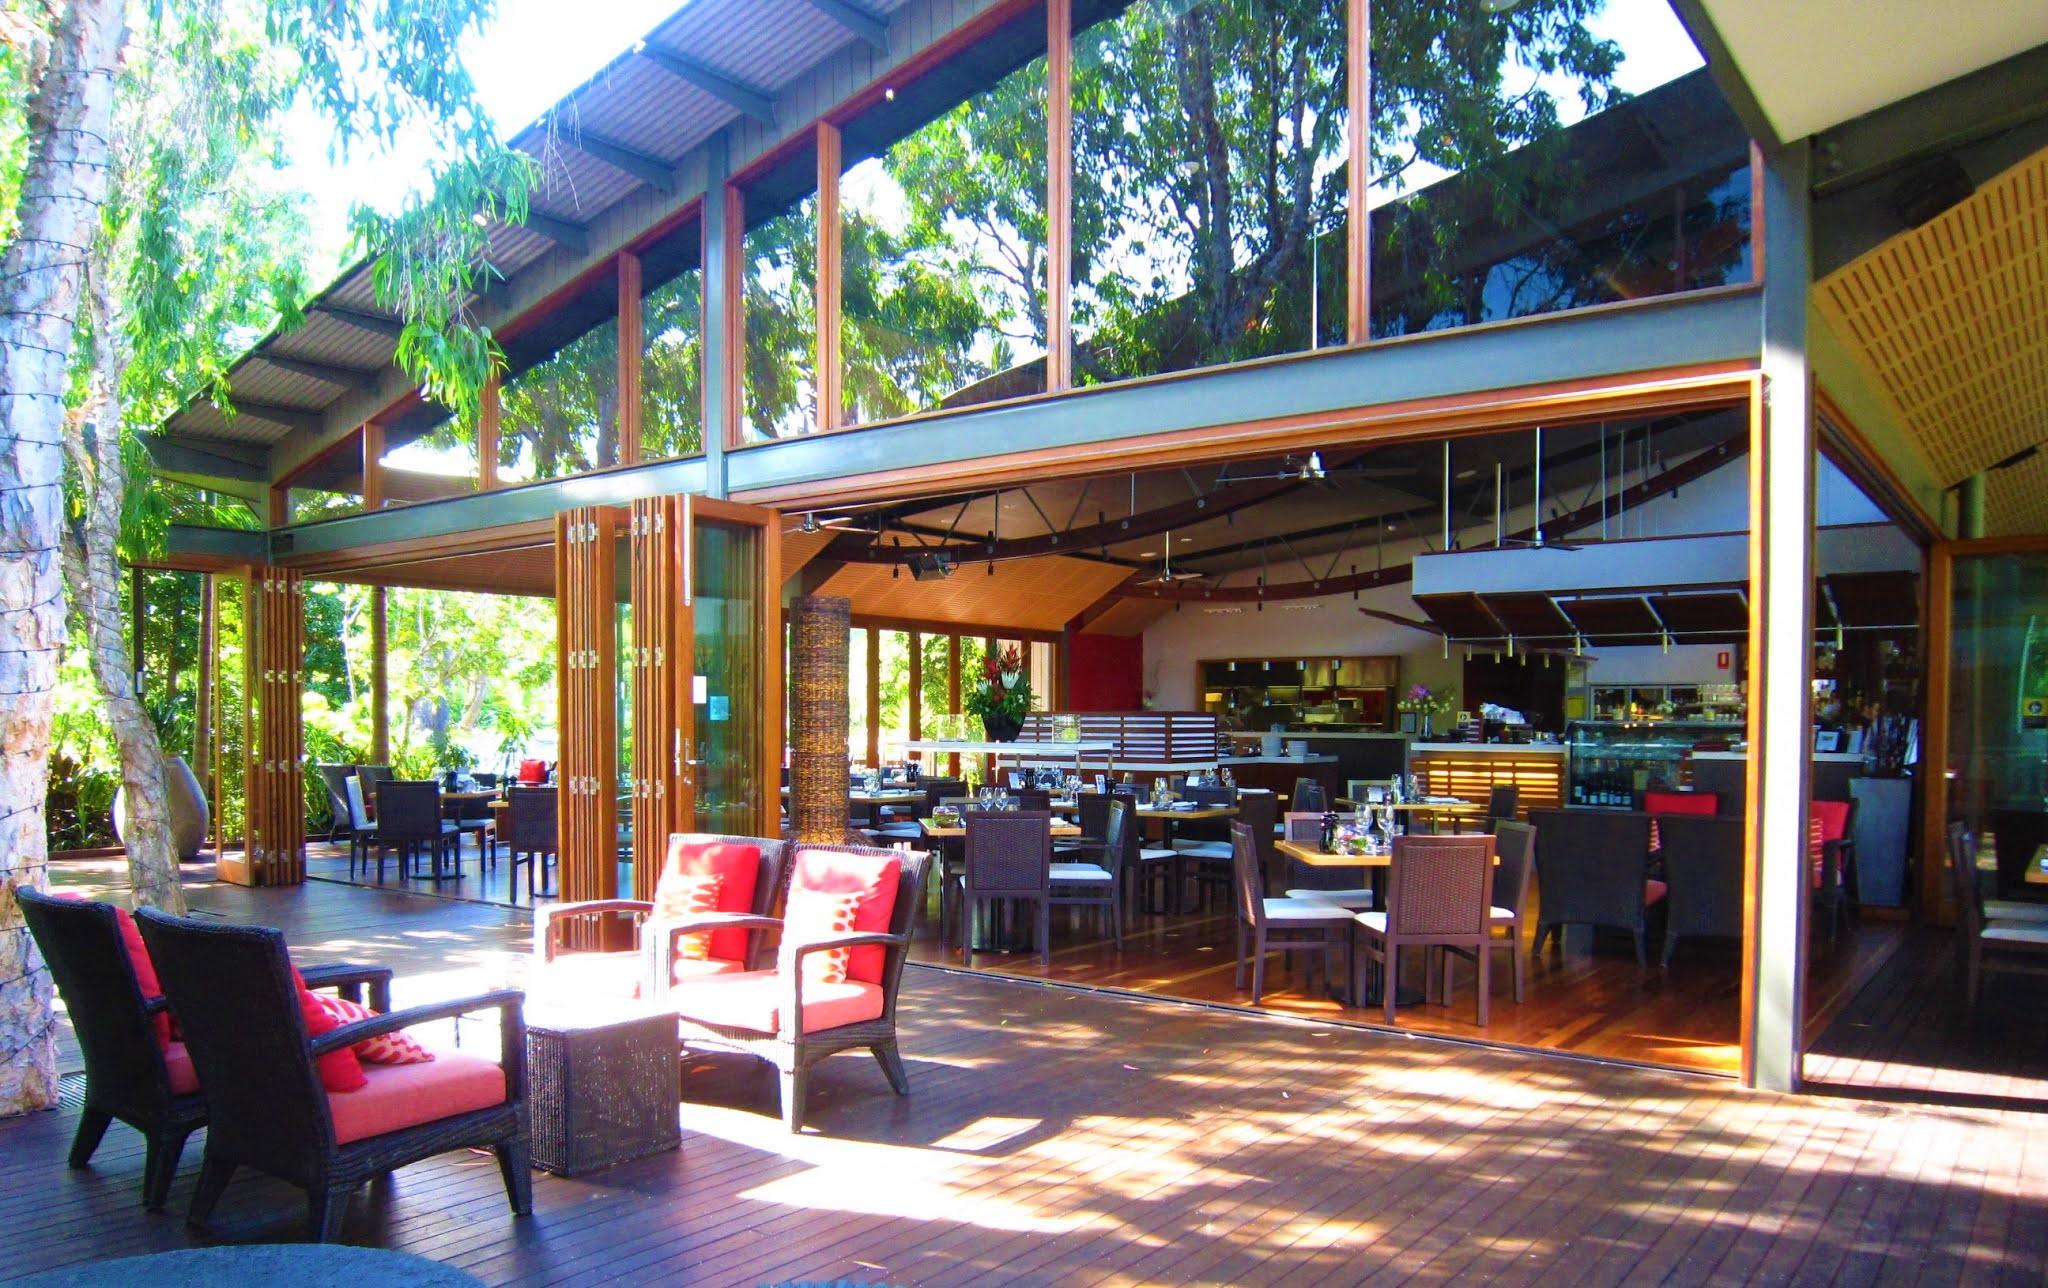 オーストラリアの人気観光地「Byron Bay」のホテルで撮った写真